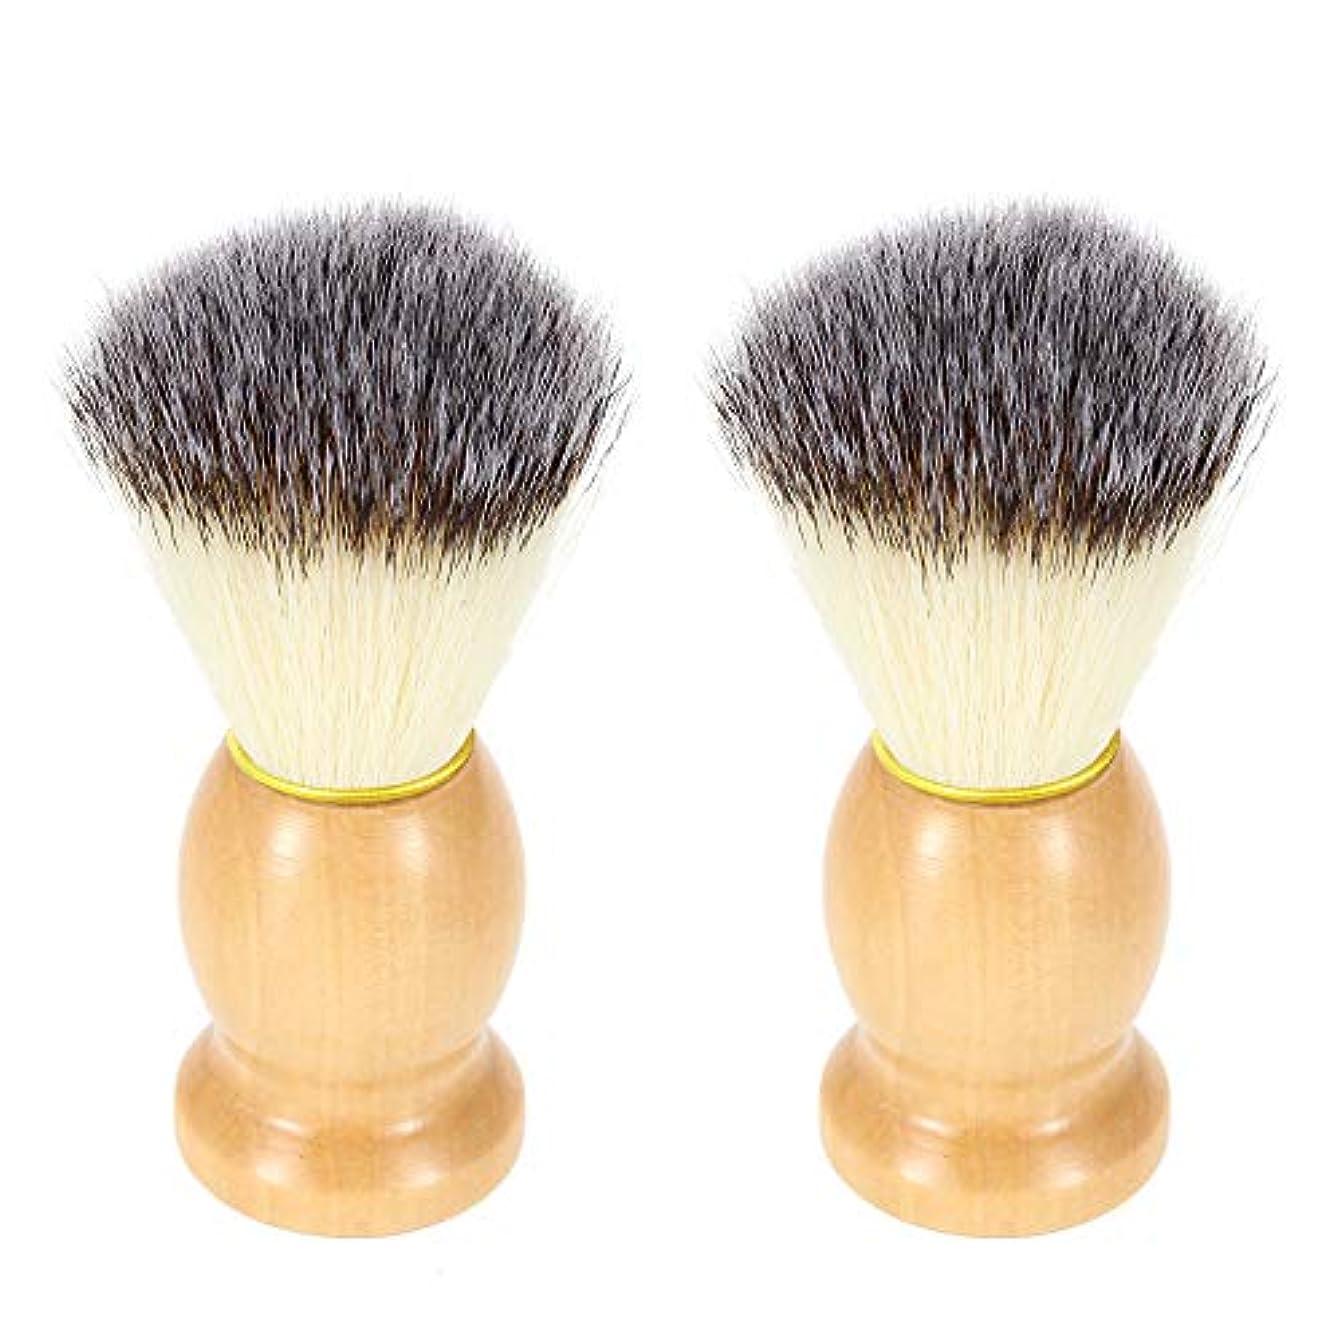 欺く疑い毛細血管ナイロンシェービングブラシ、DaKuan 2パック木製ハンドルシェービングブラシ、男性のための贅沢なプロフェッショナルヘアーサロンツール